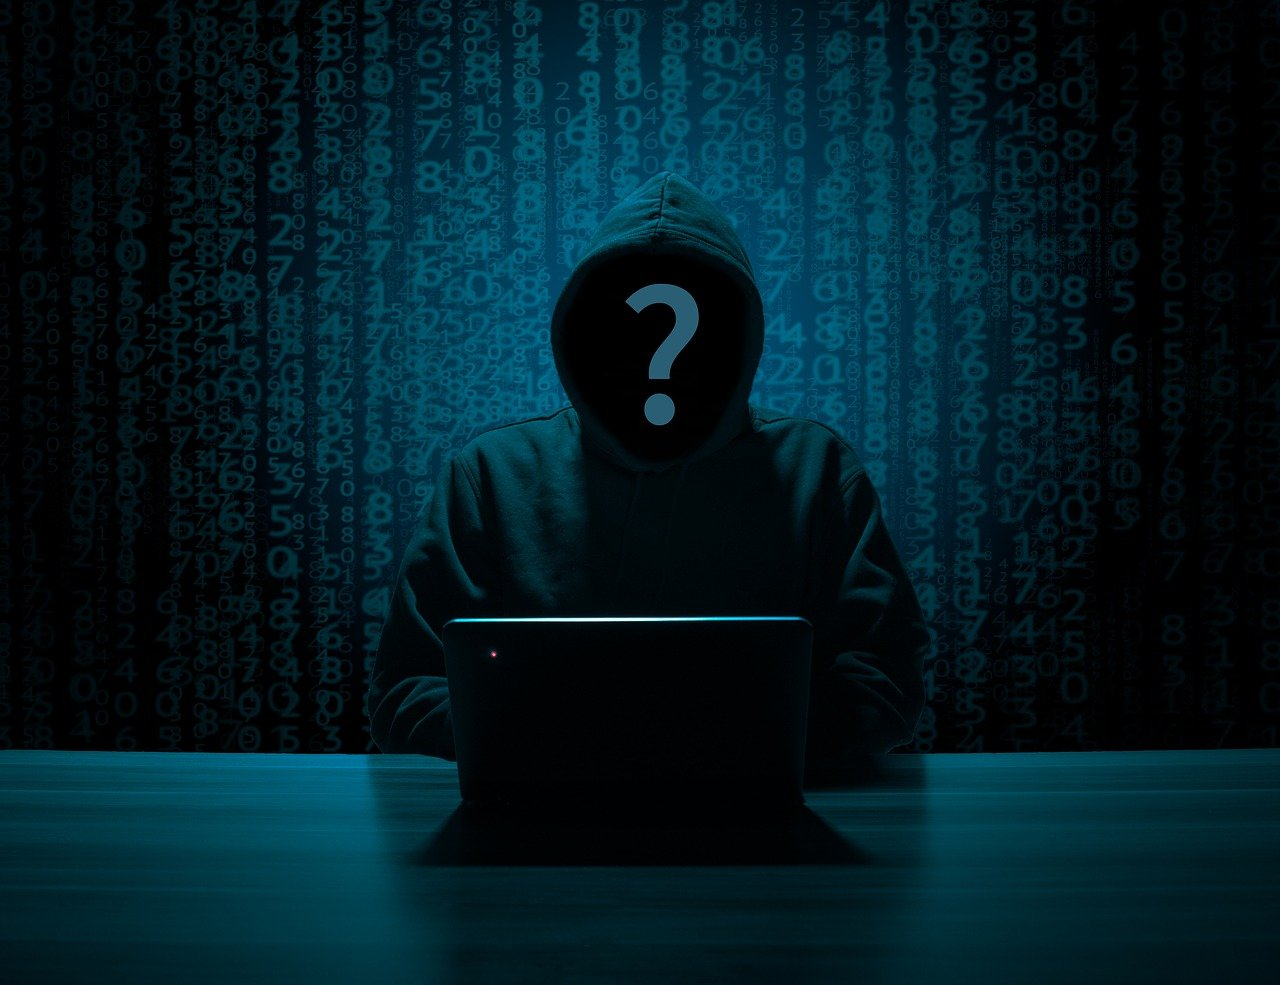 hacker-gda23b8a88_1280